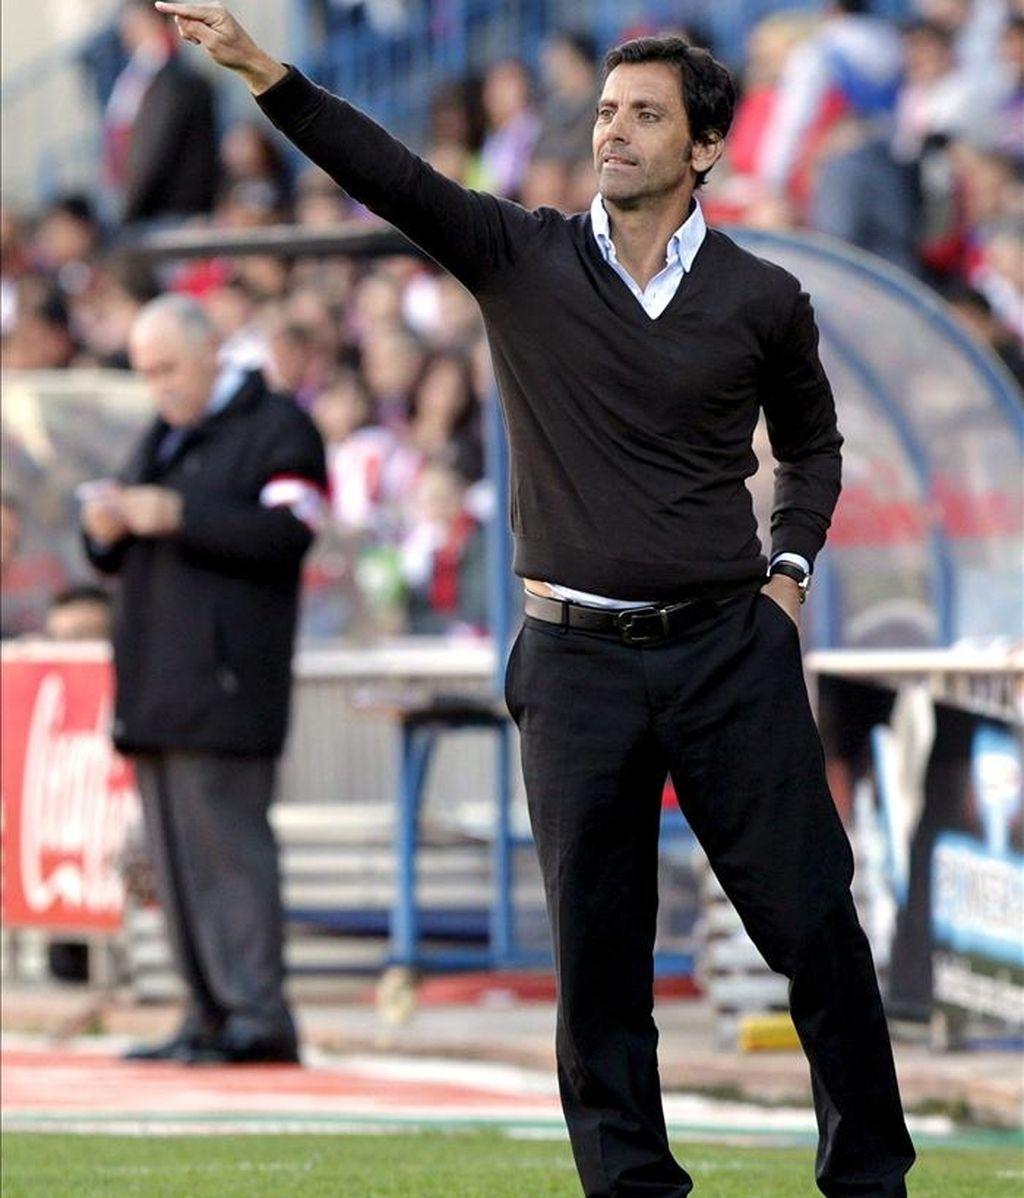 El entrenador del Atlético de Madrid Quique Sánchez Flores. EFE/Archivo